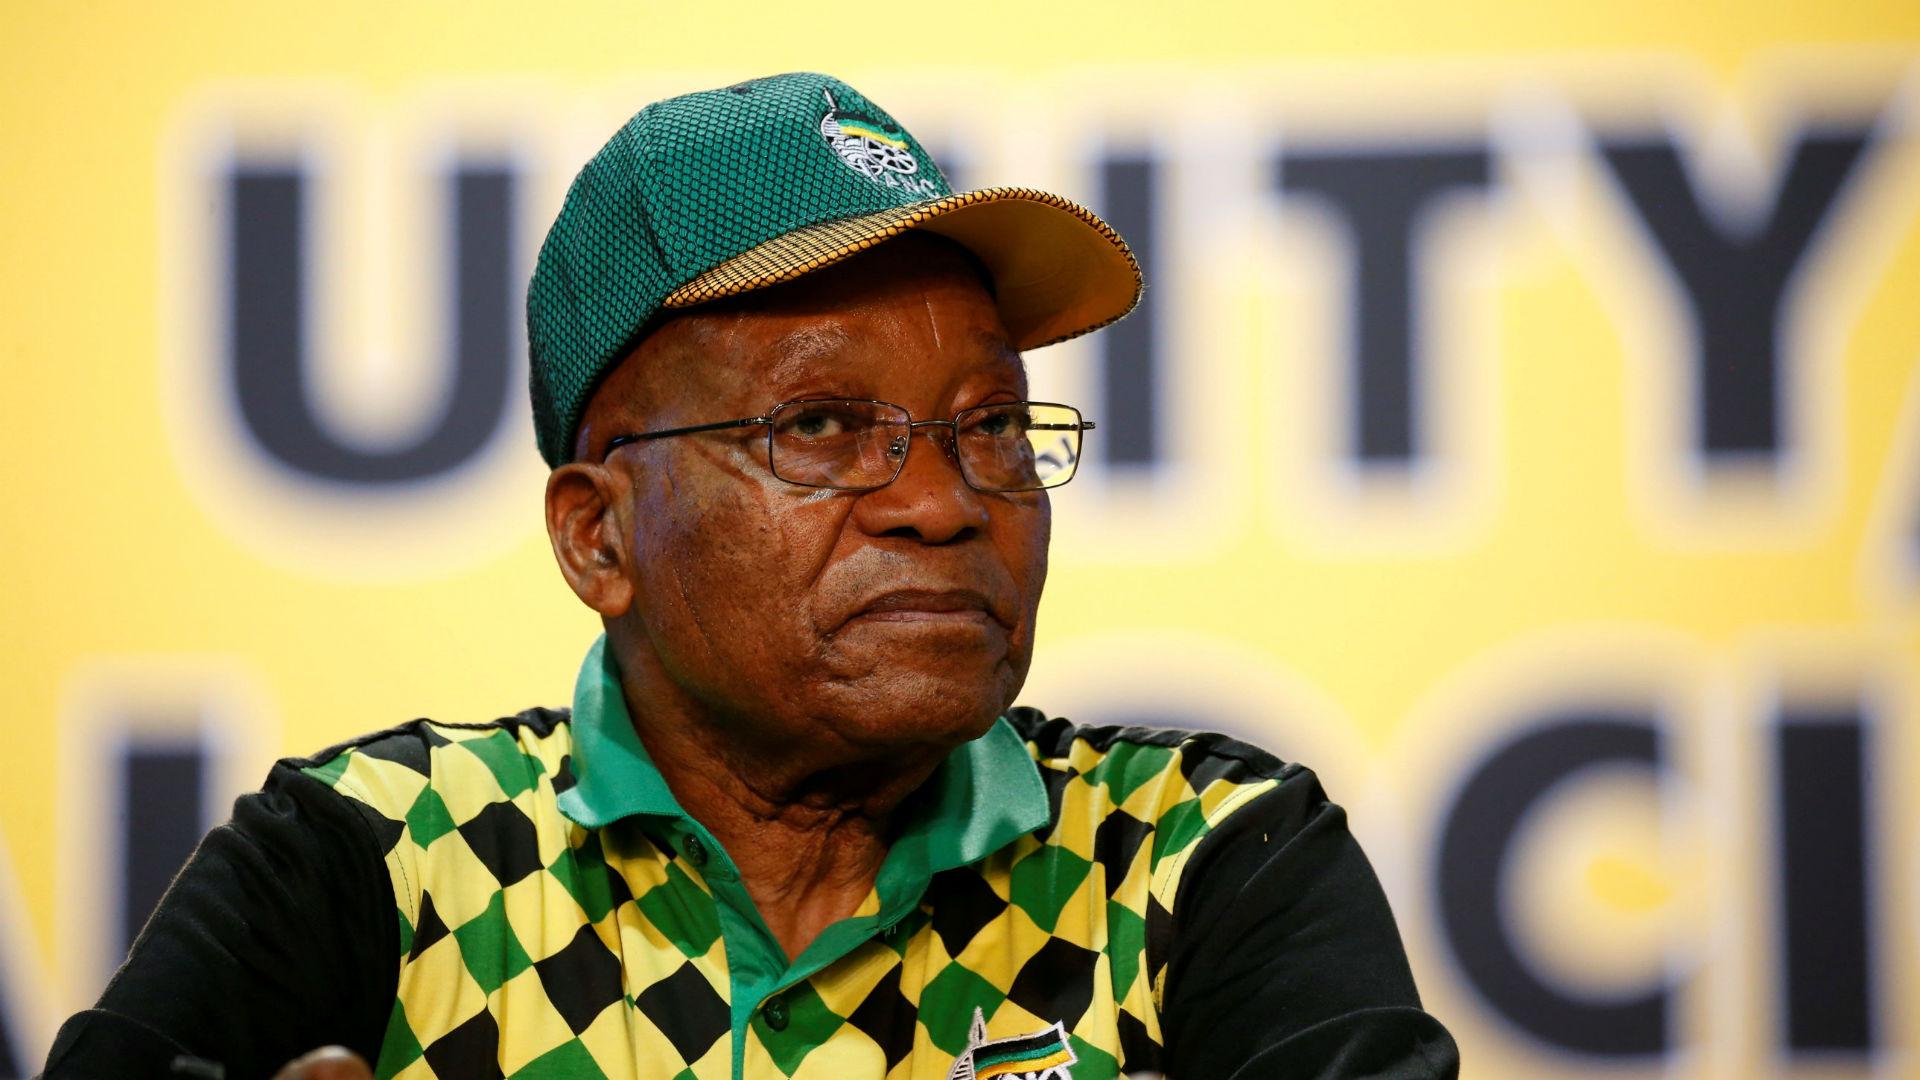 El ahora dimitido presidente sudafricano Jacob Zuma